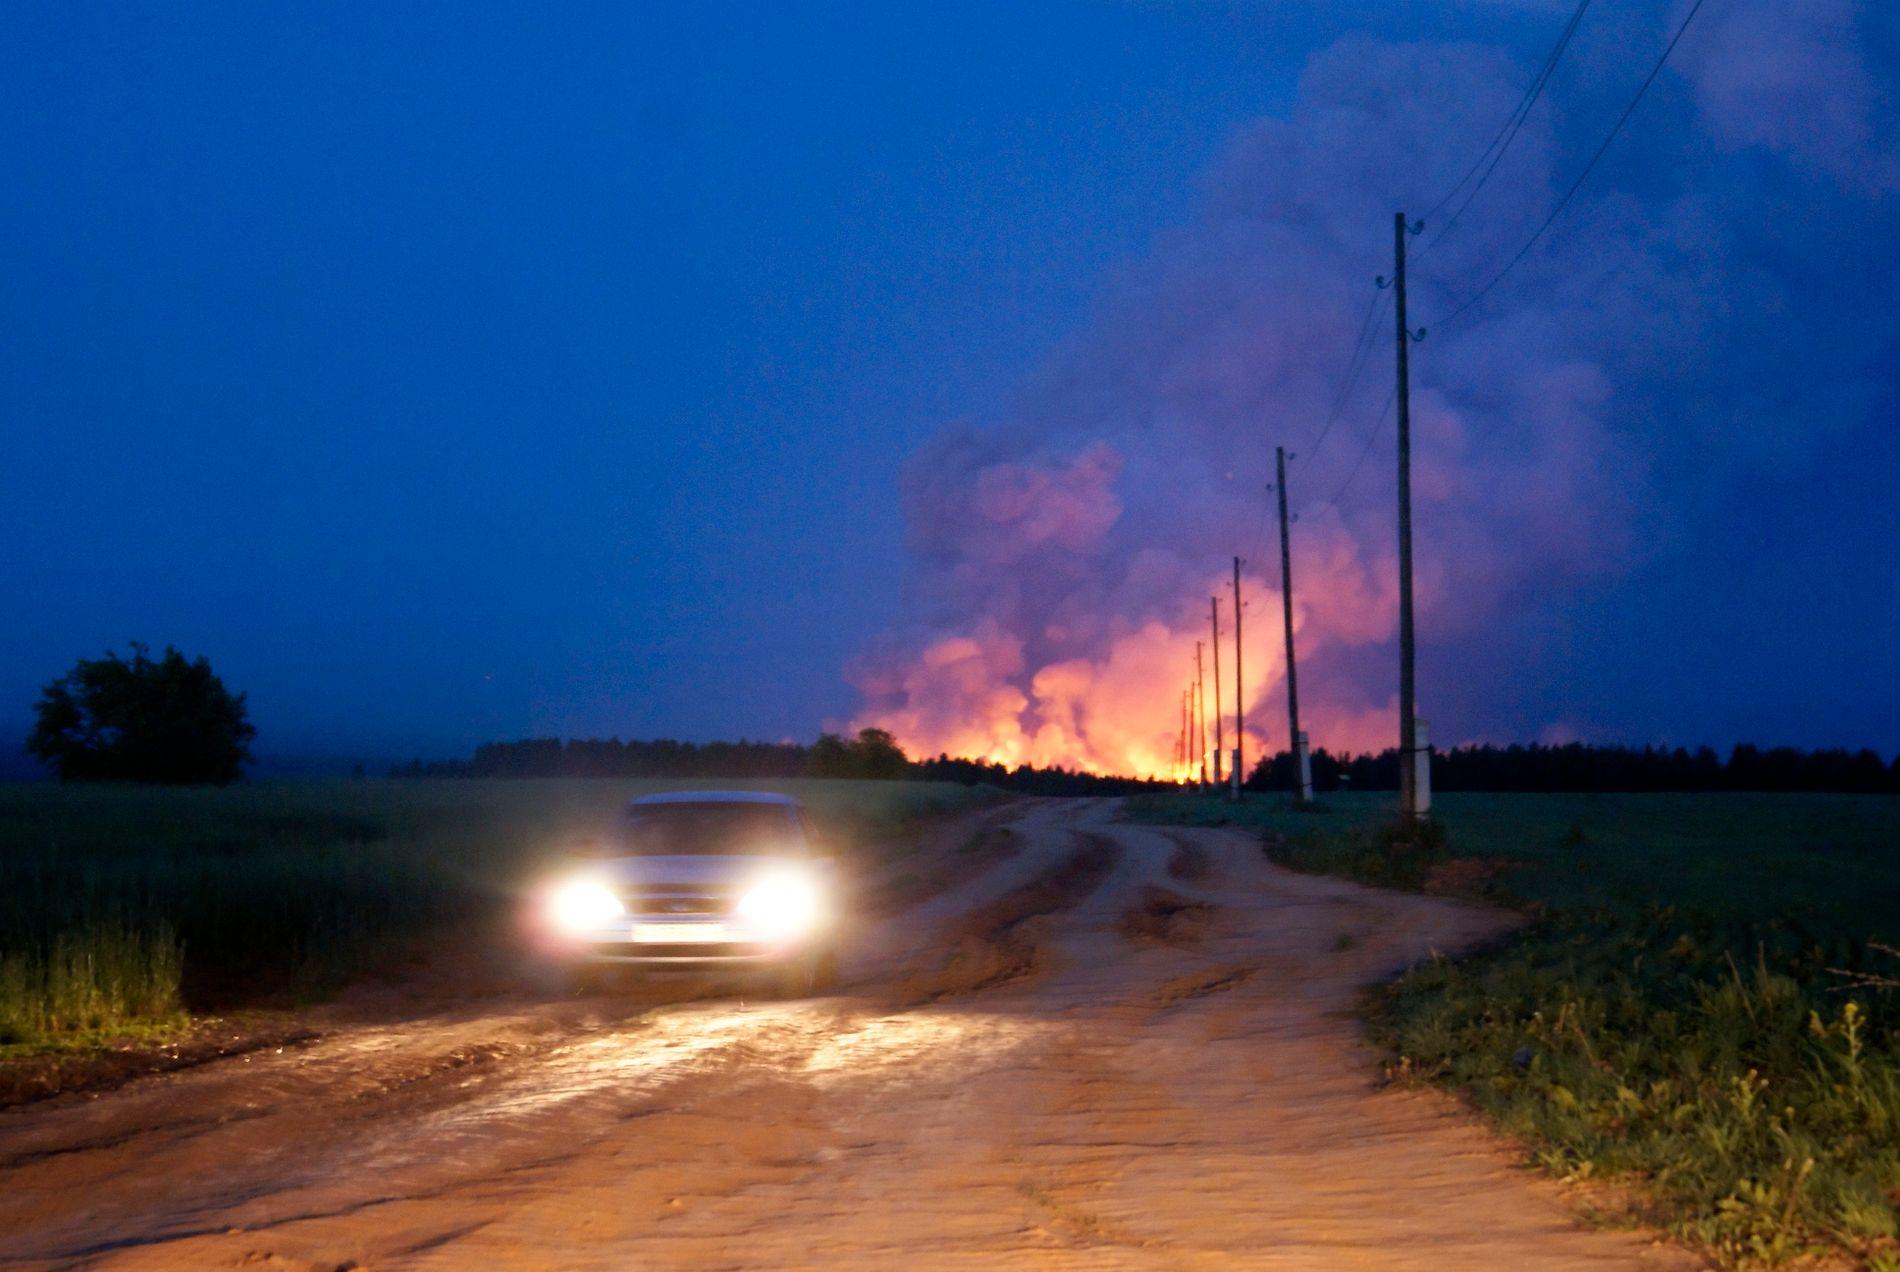 Det samme ammunisjonslageret ble rammet av brann også for sju år siden.